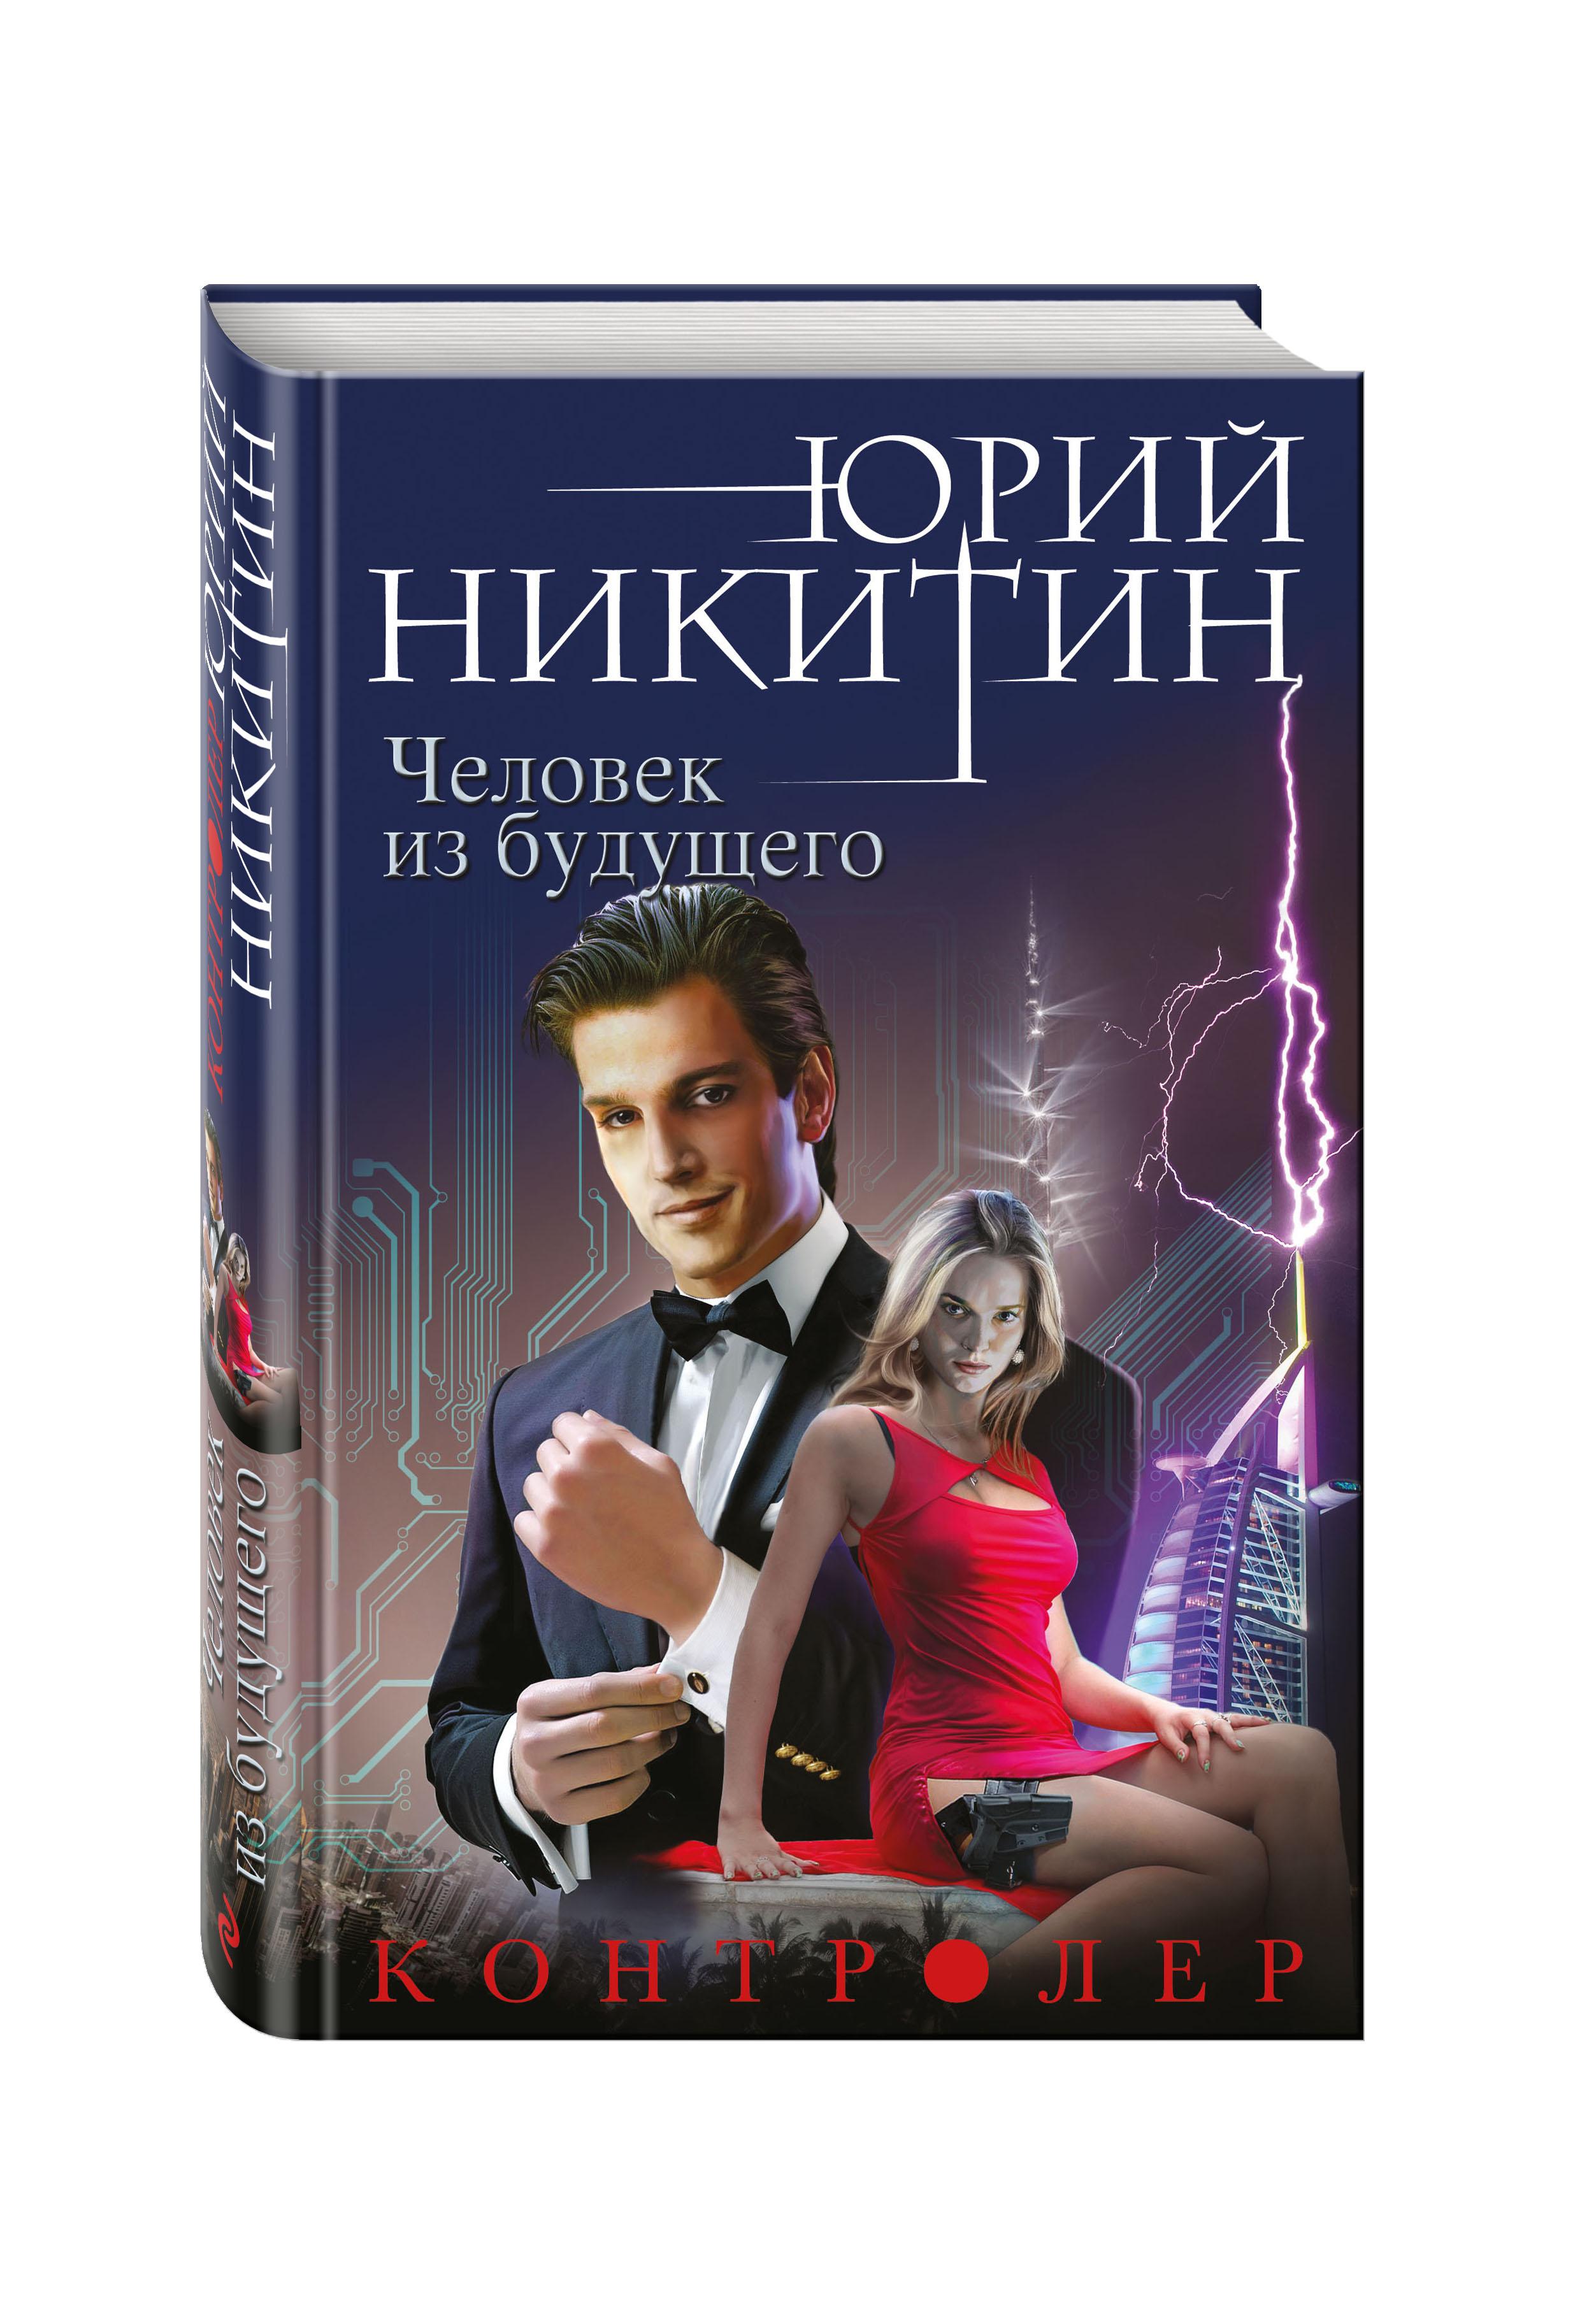 Никитин Ю.А. Контролер. Книга четвертая. Человек из будущего владимир степанович никитин технологии будущего